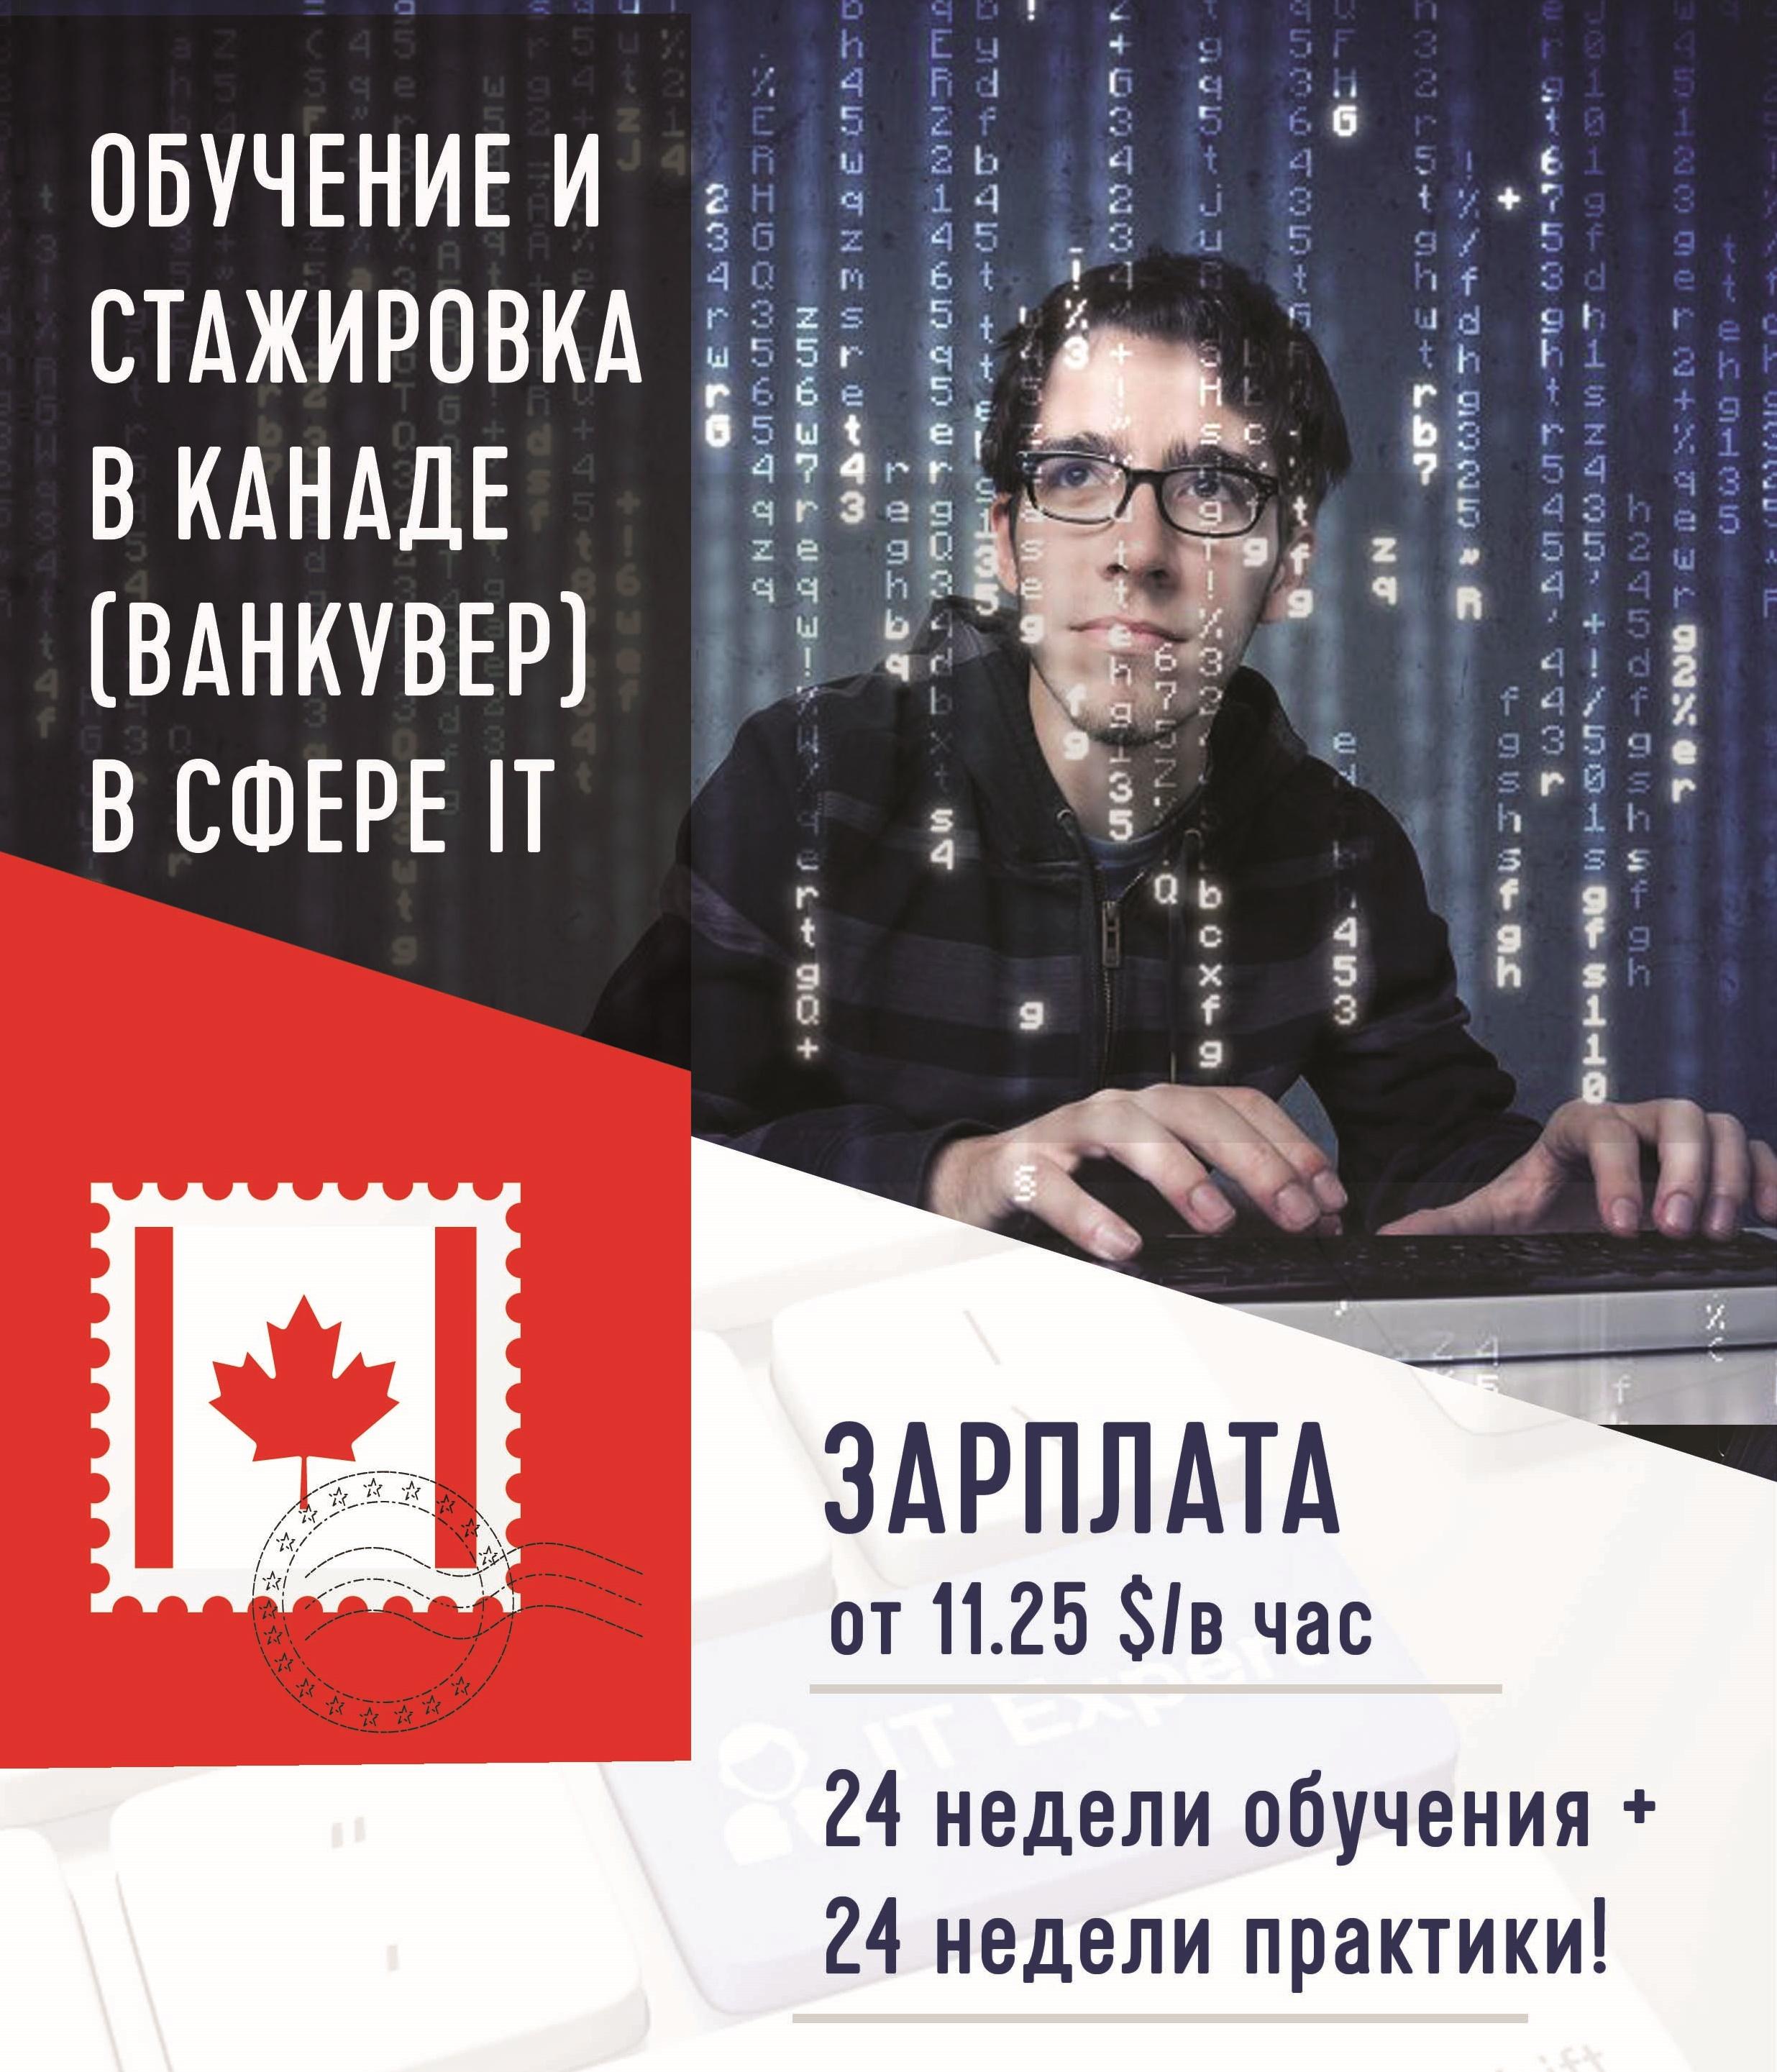 Учеба и стажировка в Канаде для IT-специалистов!